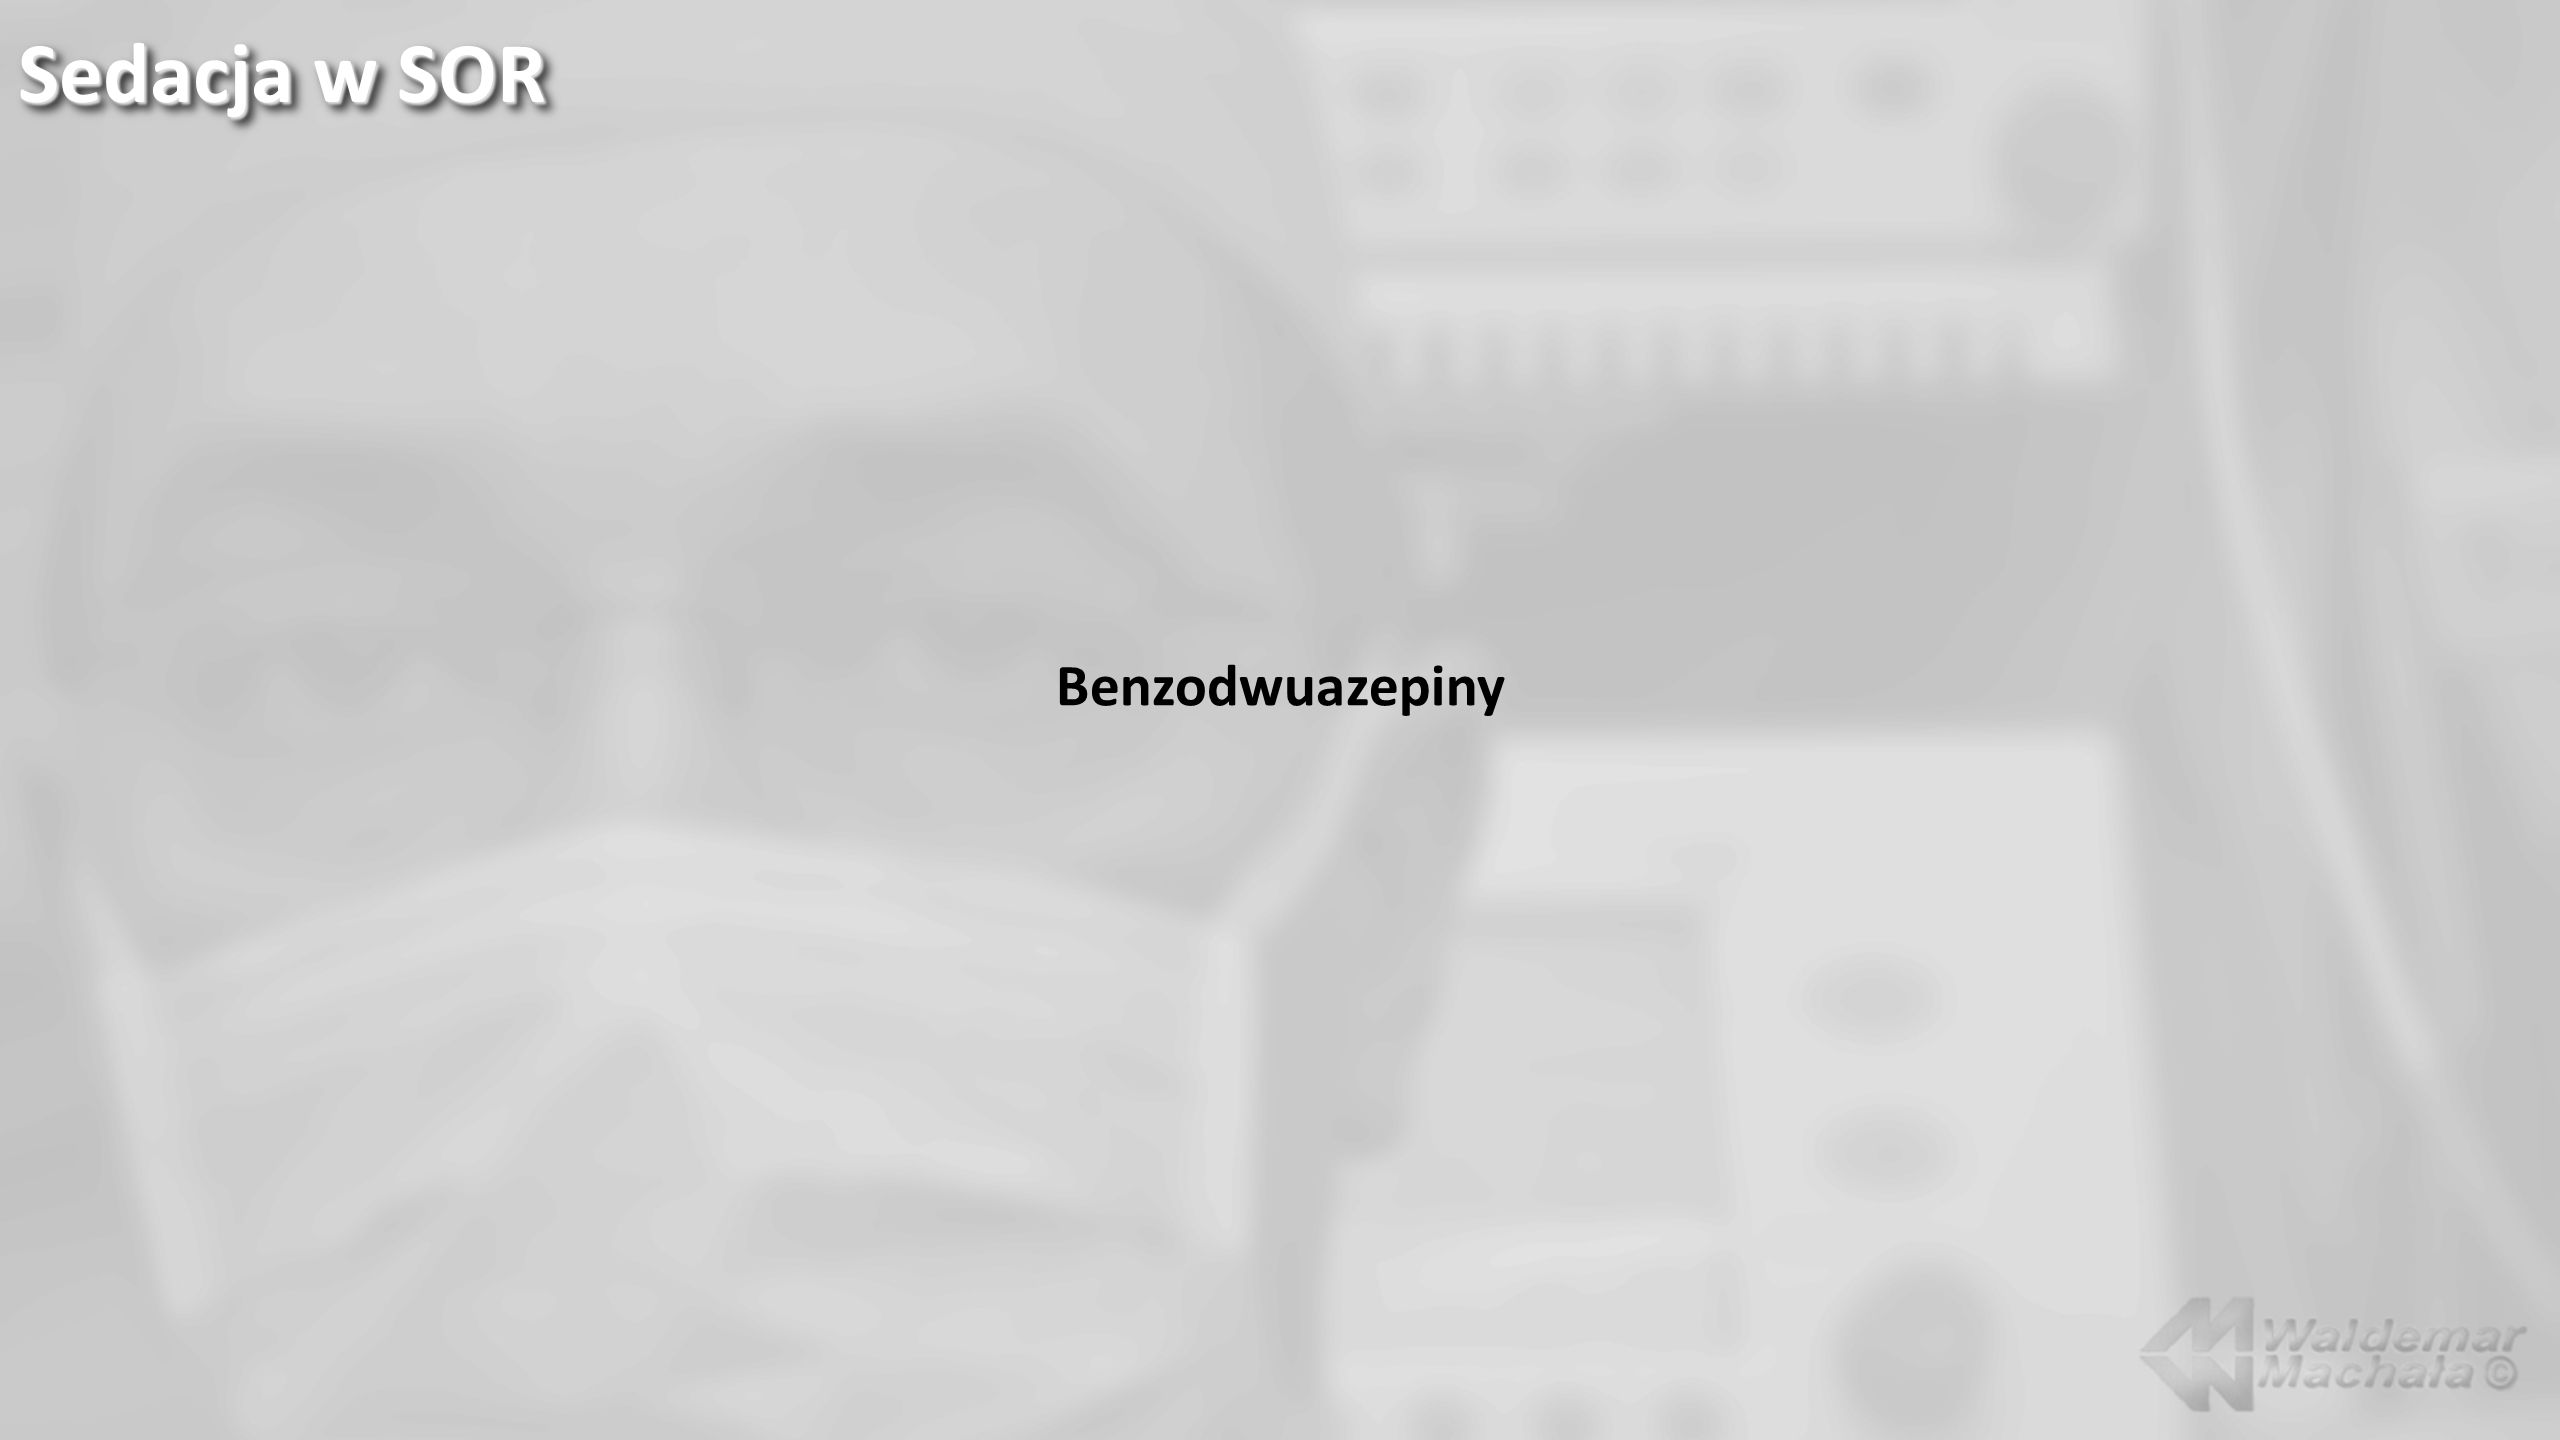 Sedacja w SOR Benzodwuazepiny